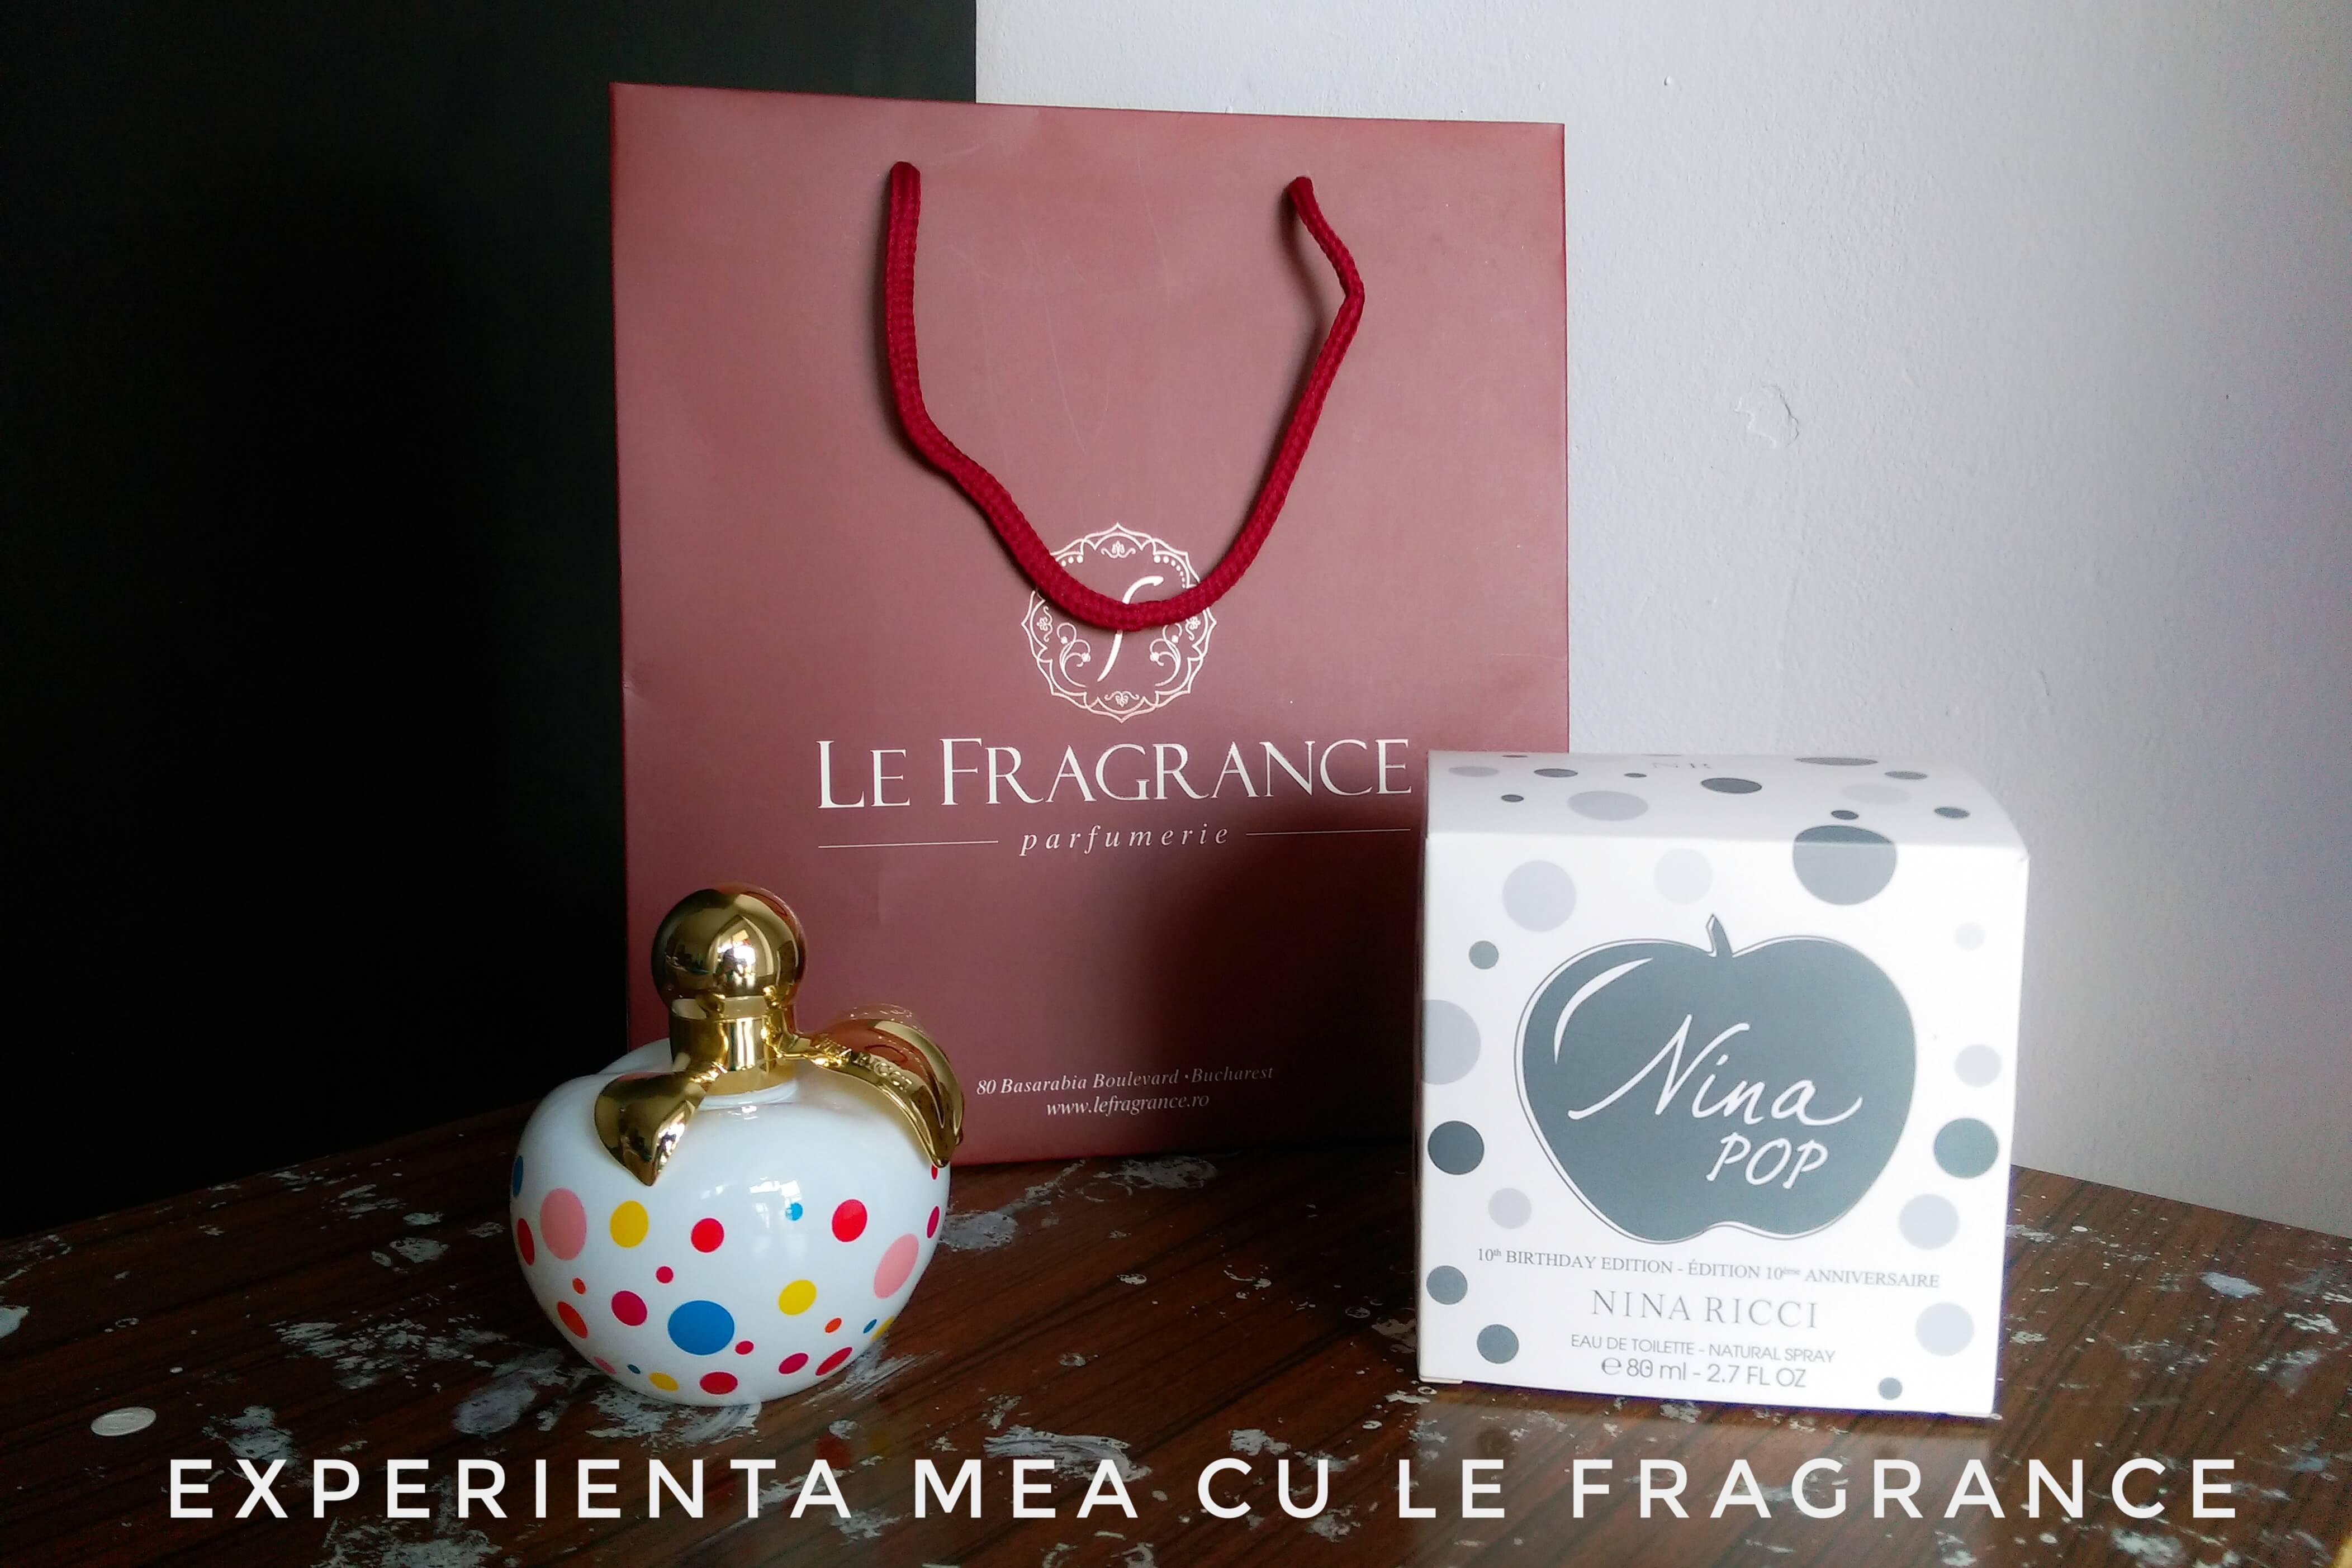 Experienţa Mea Cu Le Fragrance Parfum Crisina